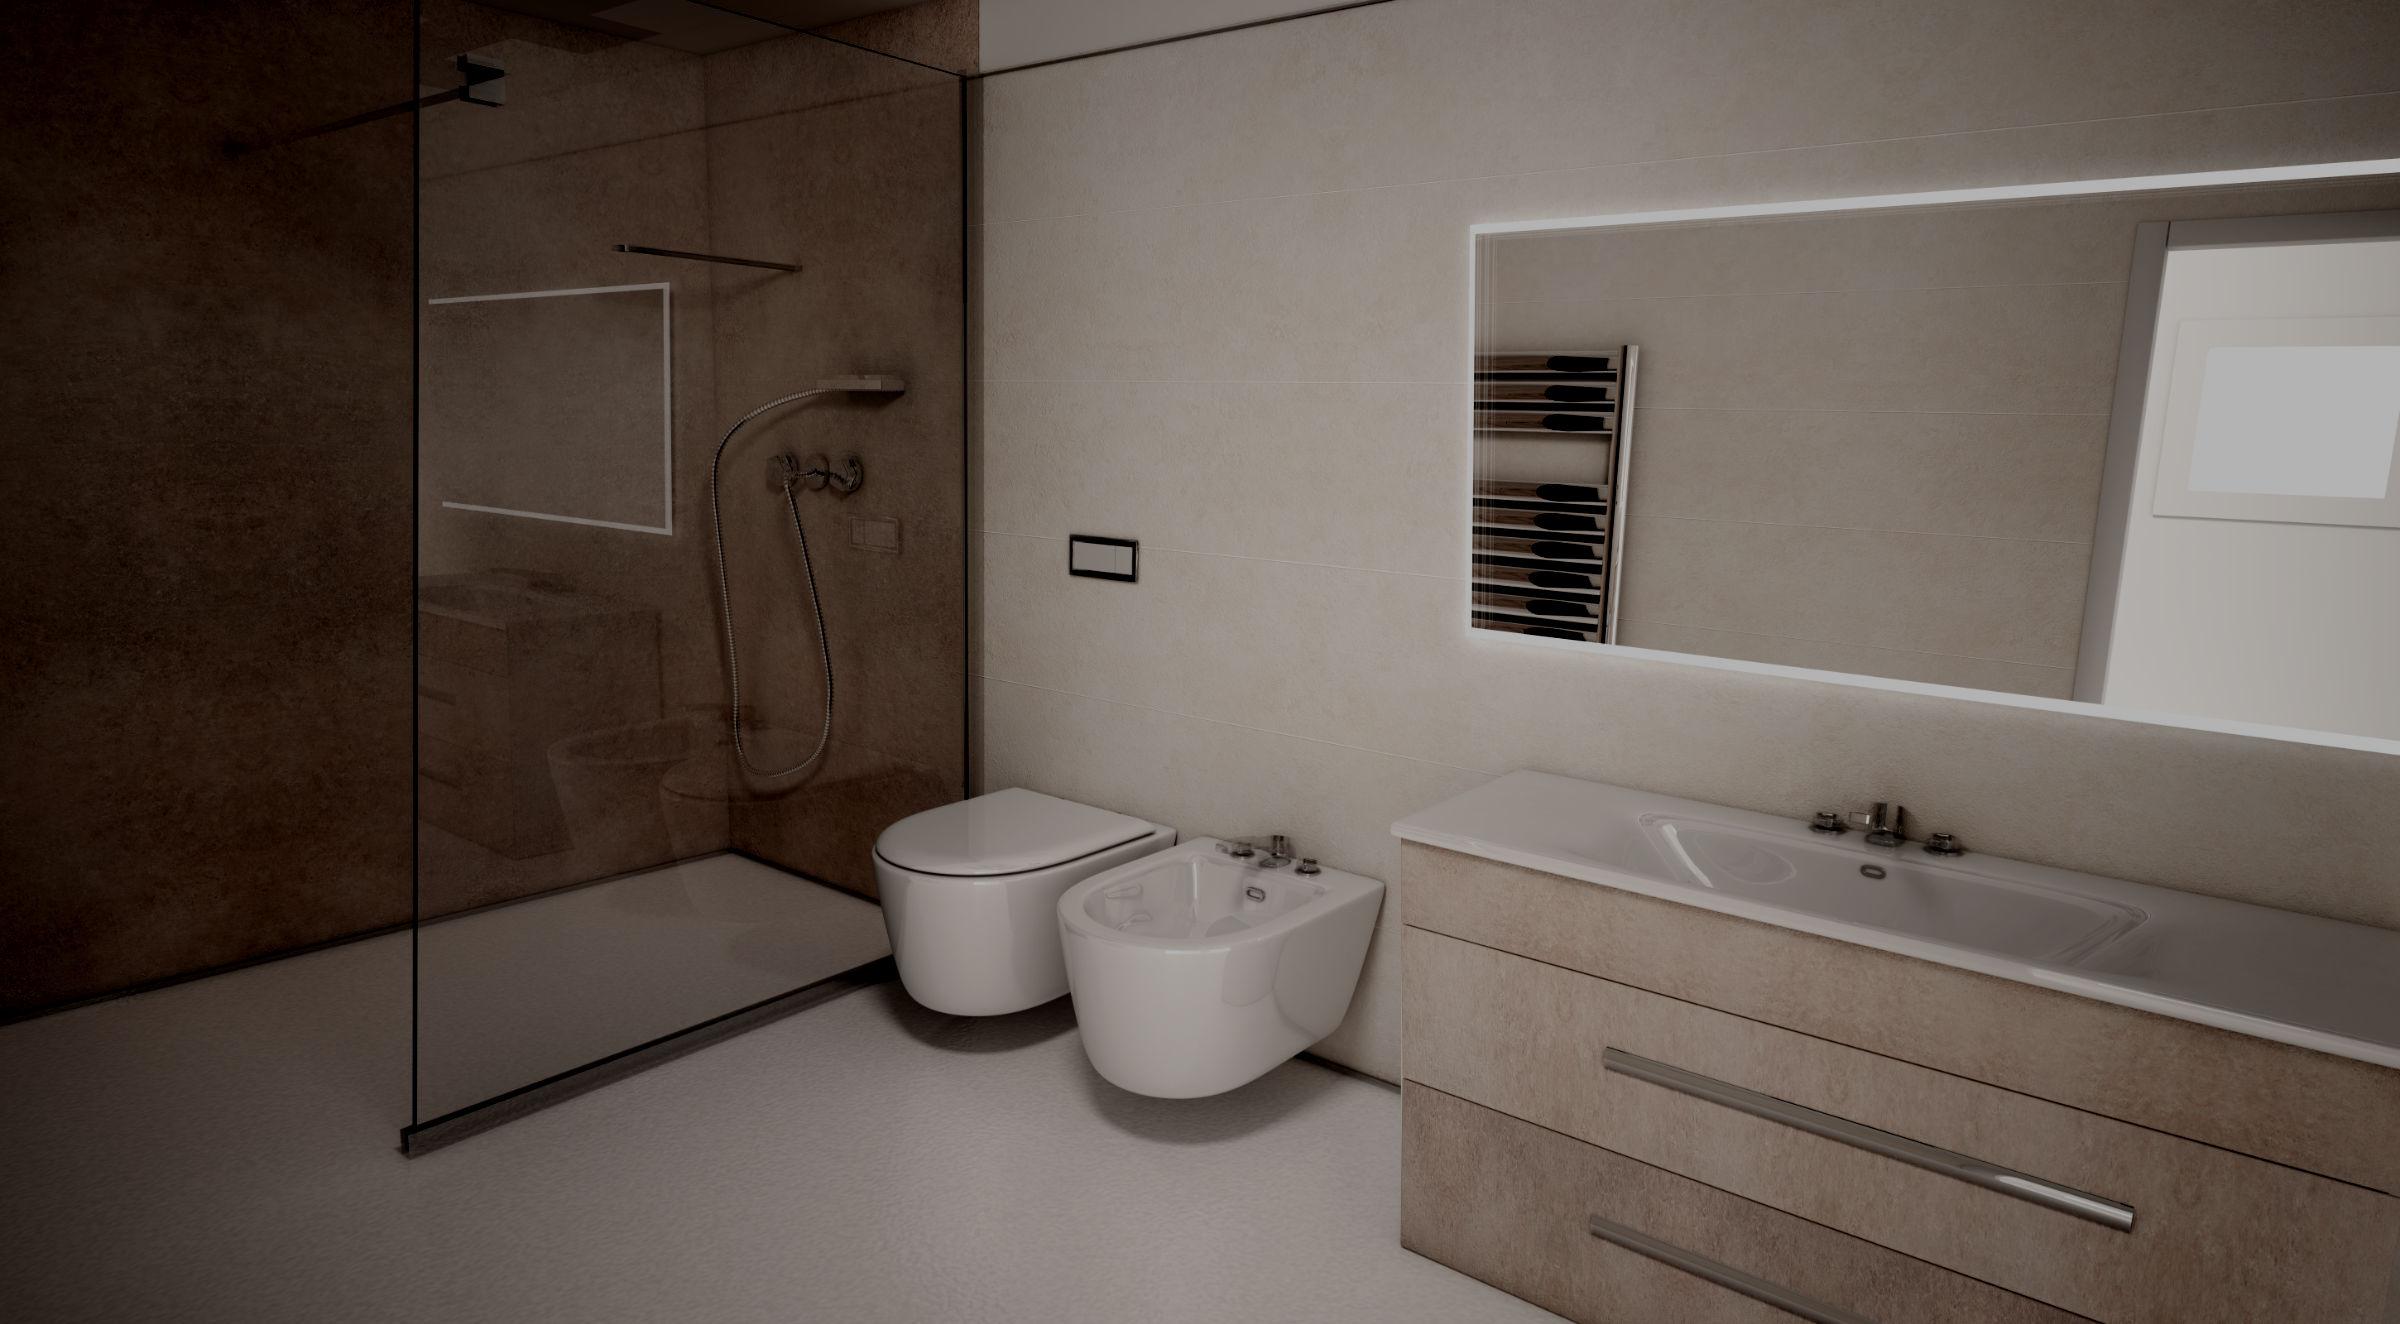 Pannelli rivestimenti decorativi da muro e pareti interni bagno - Sigillare fughe piastrelle doccia ...